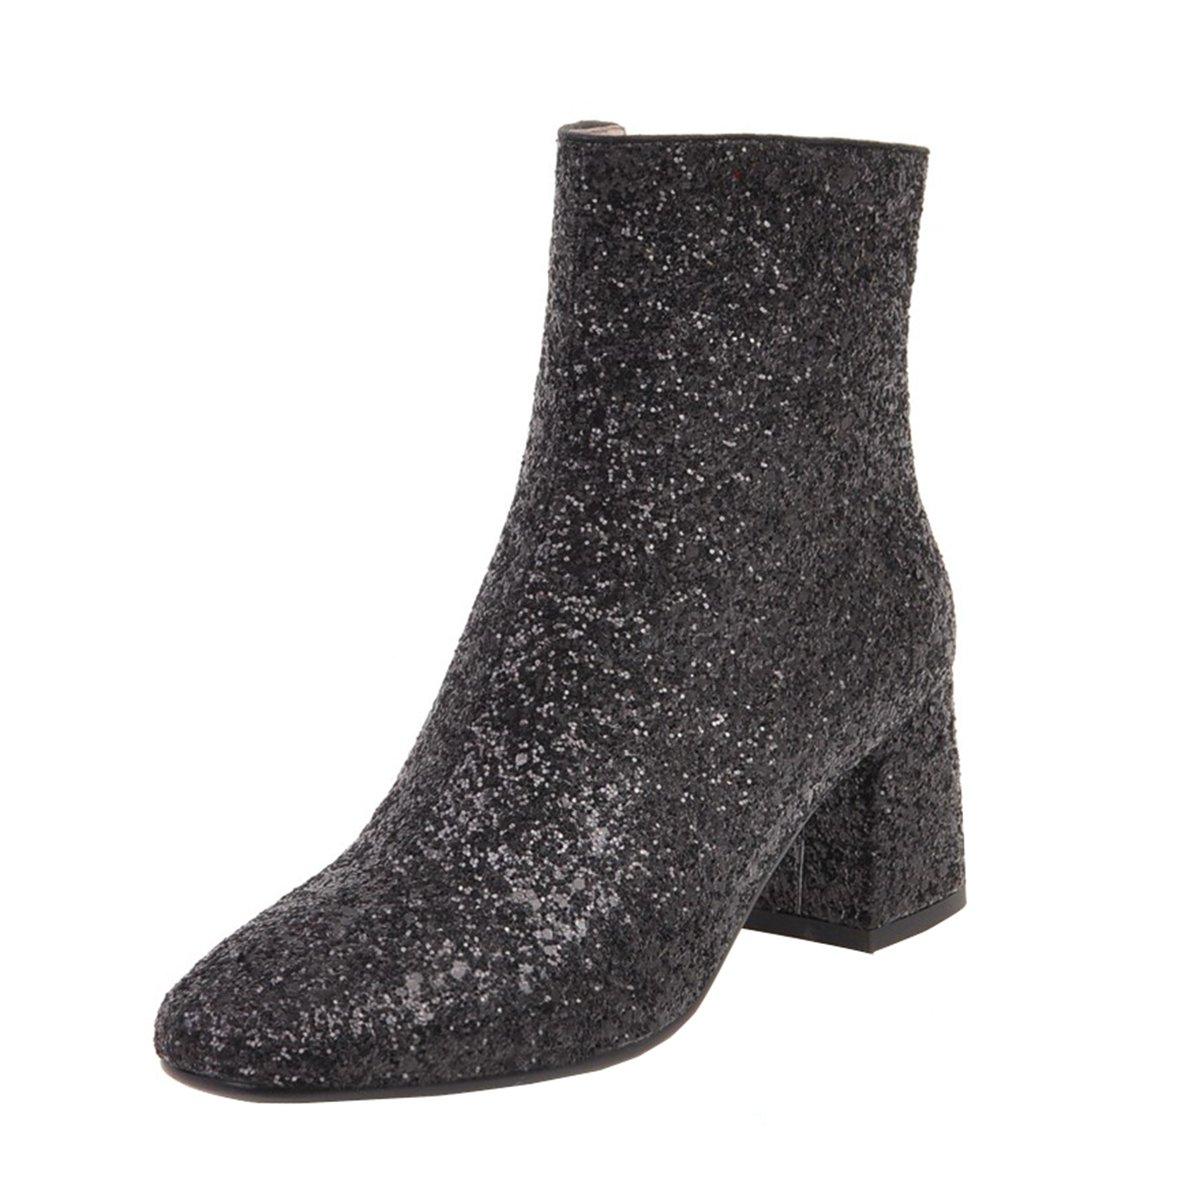 YE Damen Blockabsatz Heels Ankle Stiefel Glitzer Stiefeletten High Heels  Blockabsatz mit Reißverschluss und Pailletten Elegant Modern Schuhe Schwarz  ec555b a39a697226